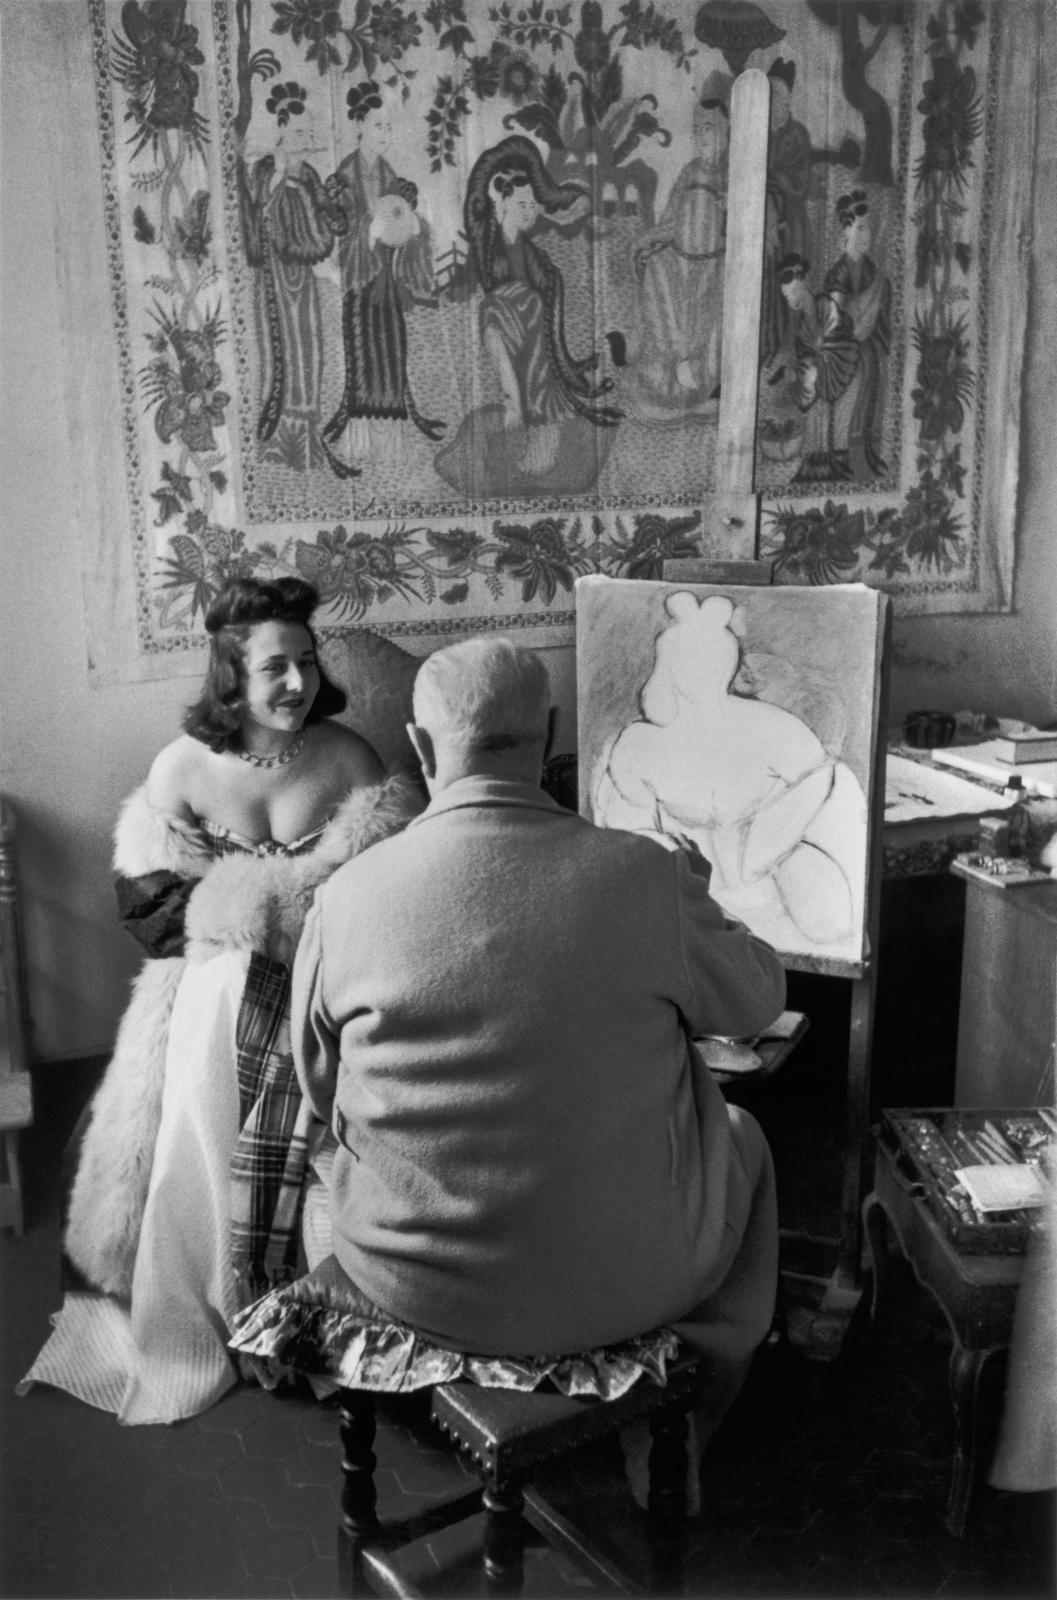 Henri Cartier-Bresson, Images à la sauvette (Verve, 1952), p.69, Henri Matisse et son modèle Micaela Avogadro, Vence France, 1944.